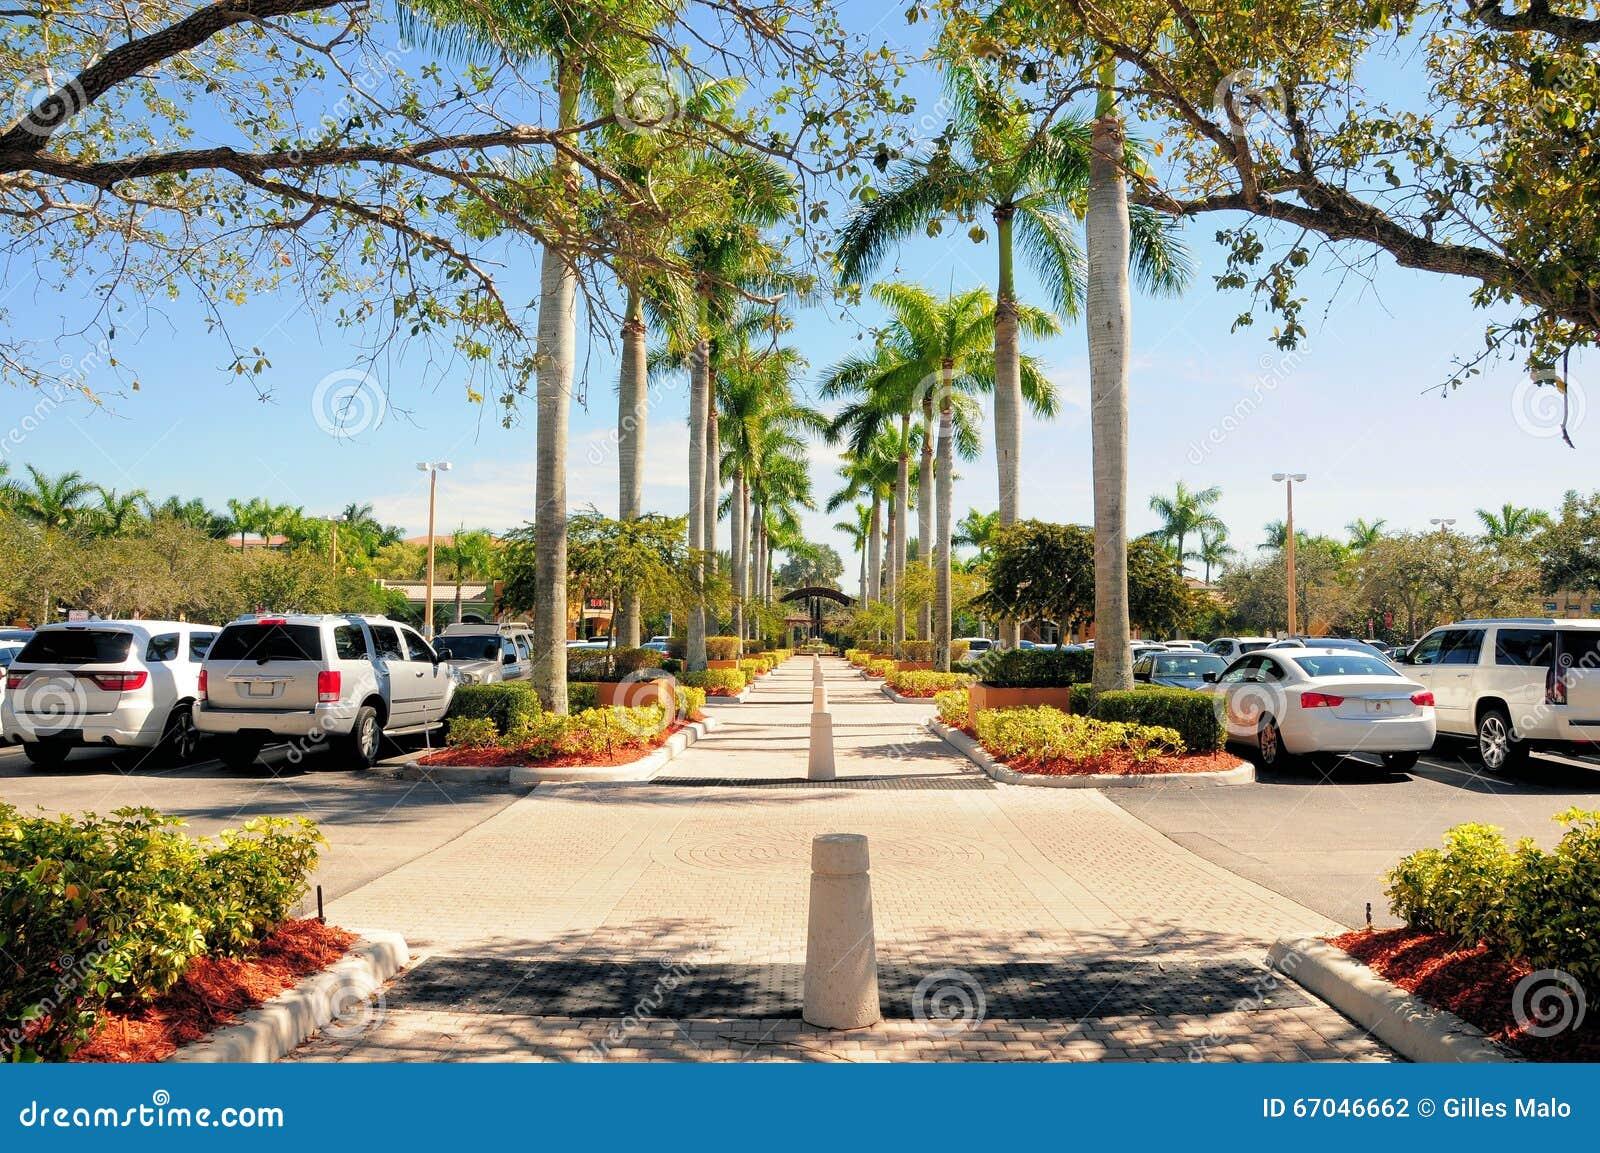 Strip center walkway access